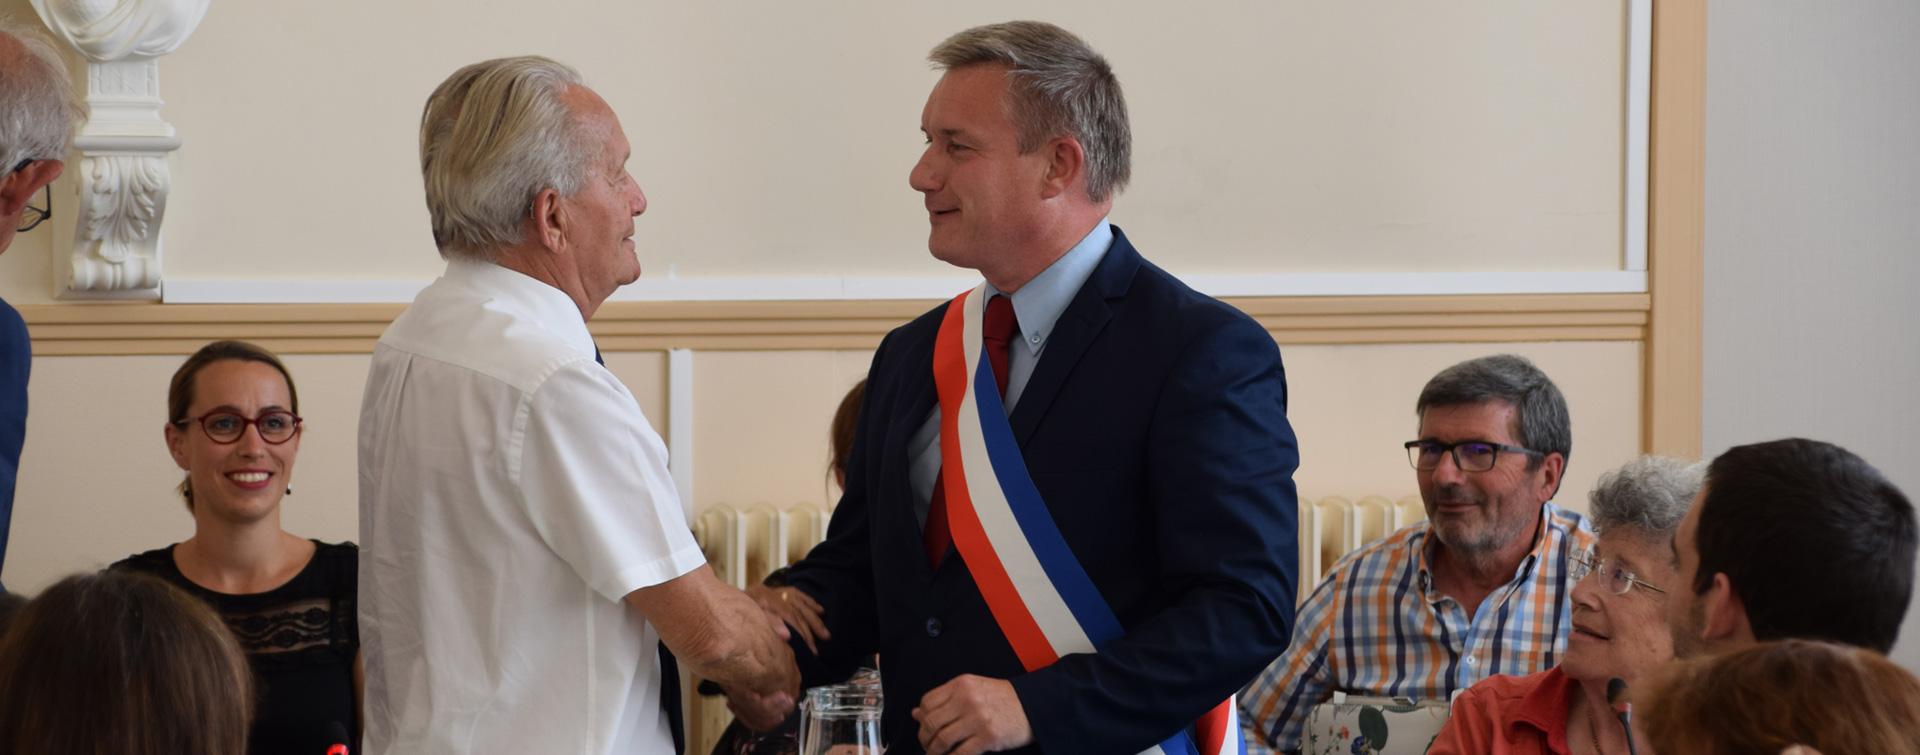 FRÉDÉRIC LEVEILLÉ